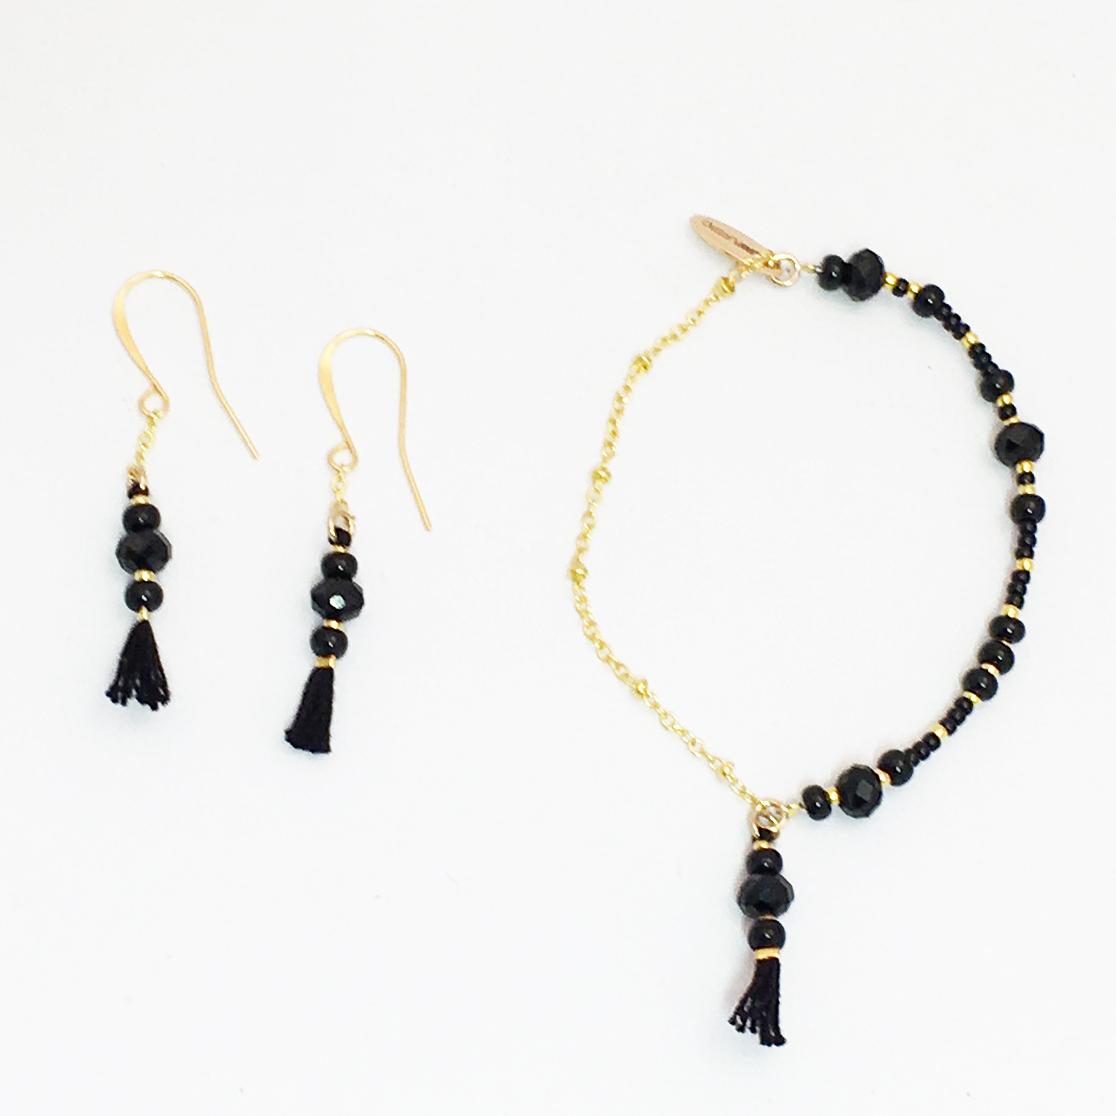 Juanplatero, örhänge, armband, svart, minicharm, fairtrade, smycke, hantverk, guatemala, fairmonkey